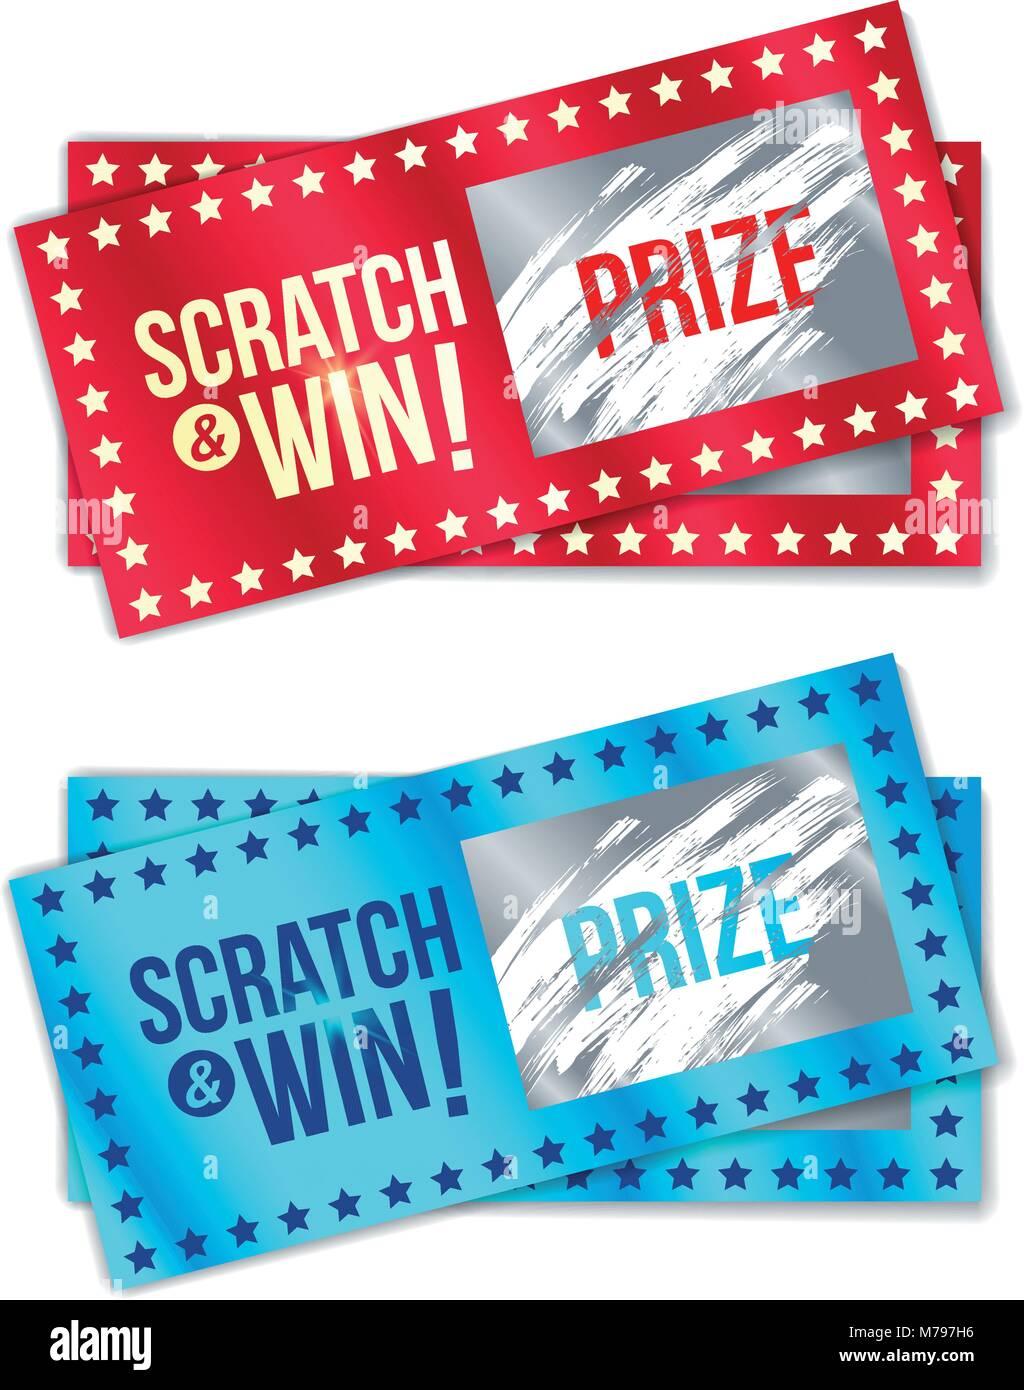 Scratch Card Game und gewinnen. Mit Wirkung vom Kratzer. Vektor ...